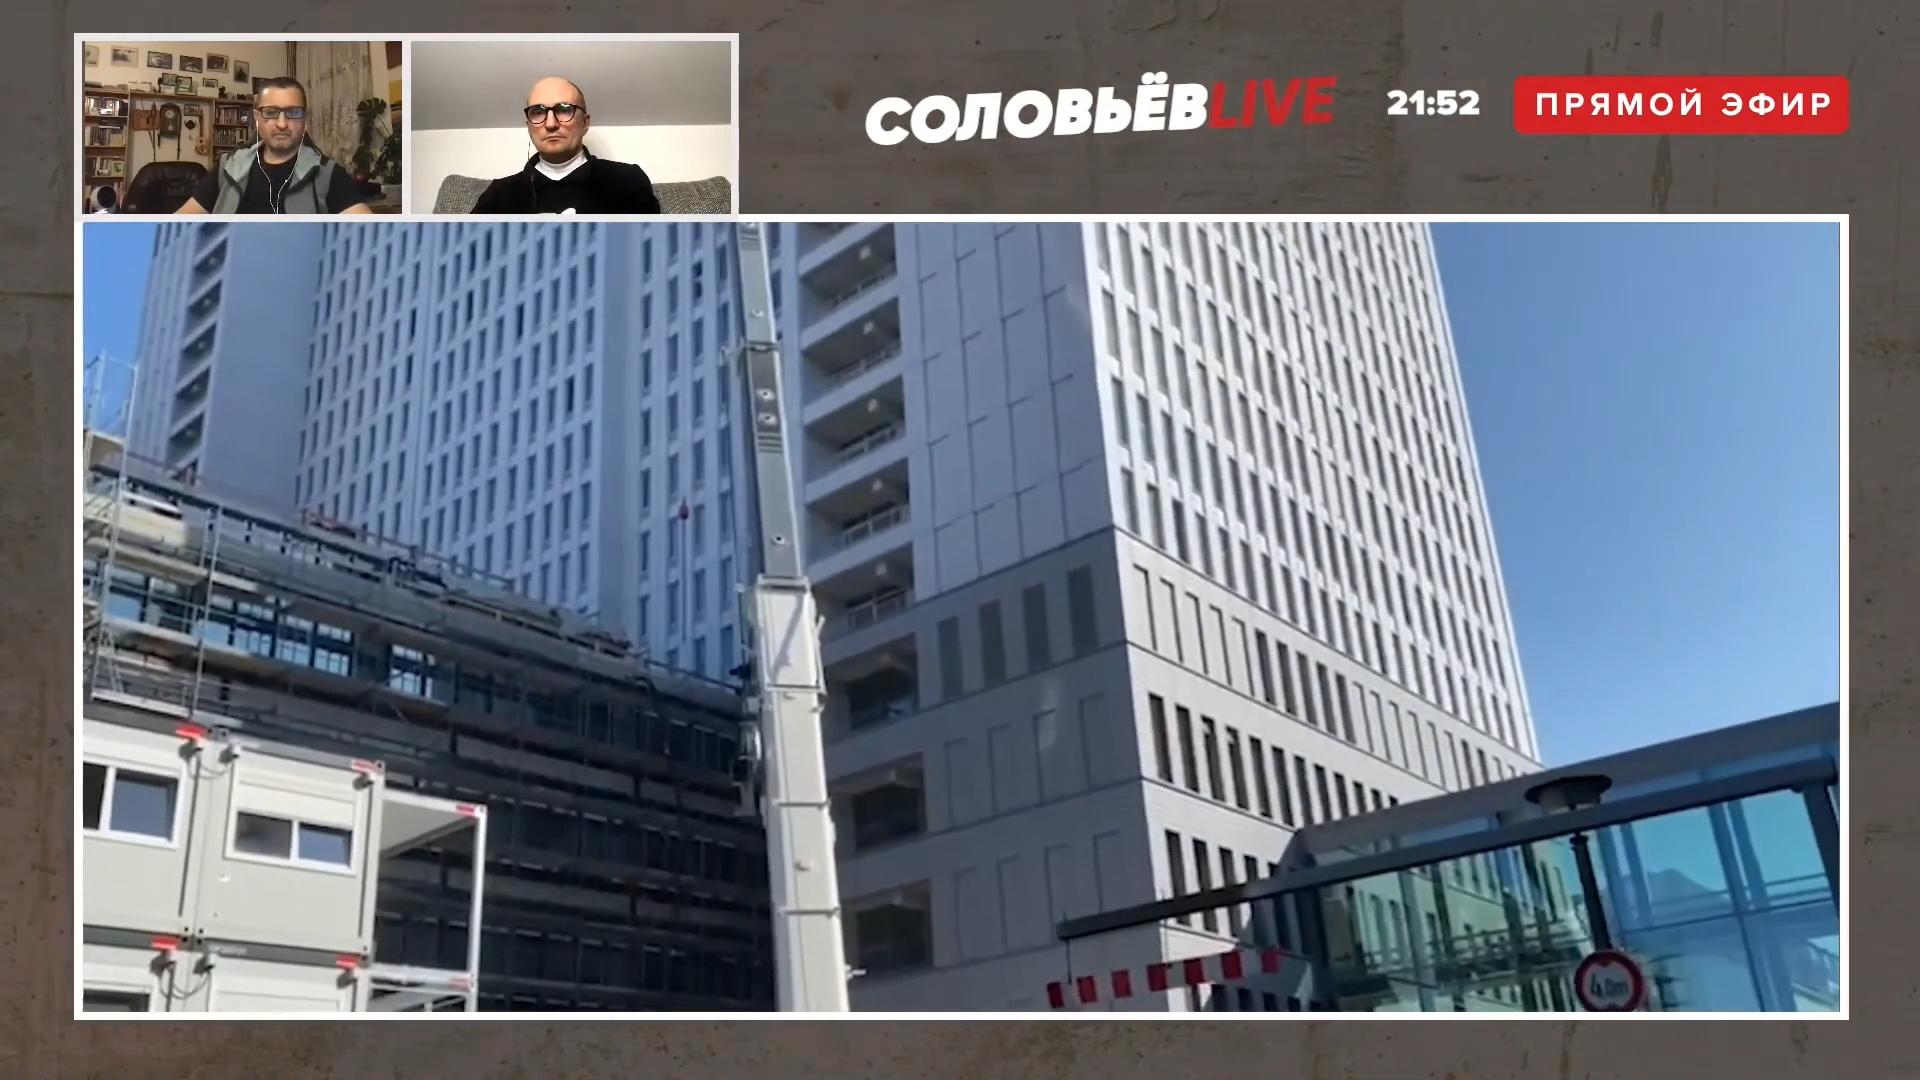 20200921-Навальный - призрак опера - У Белоруссии не женское лицо - Стена Сосновского-pic2b